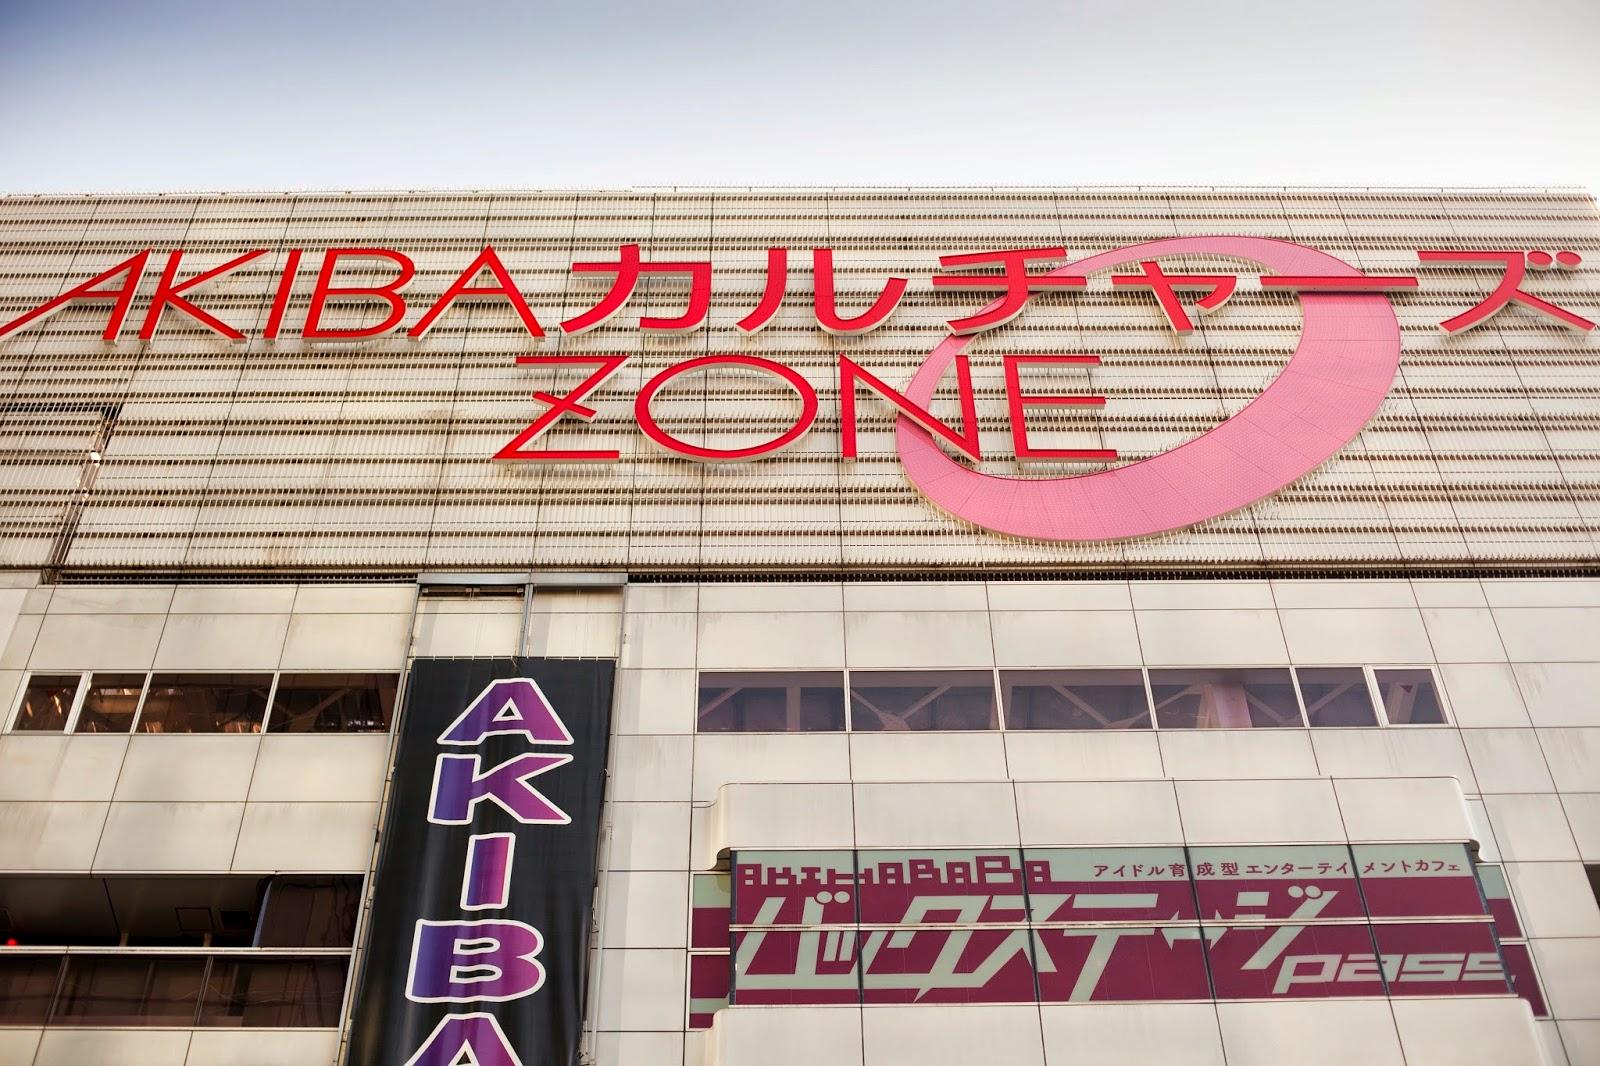 Akihabara 9